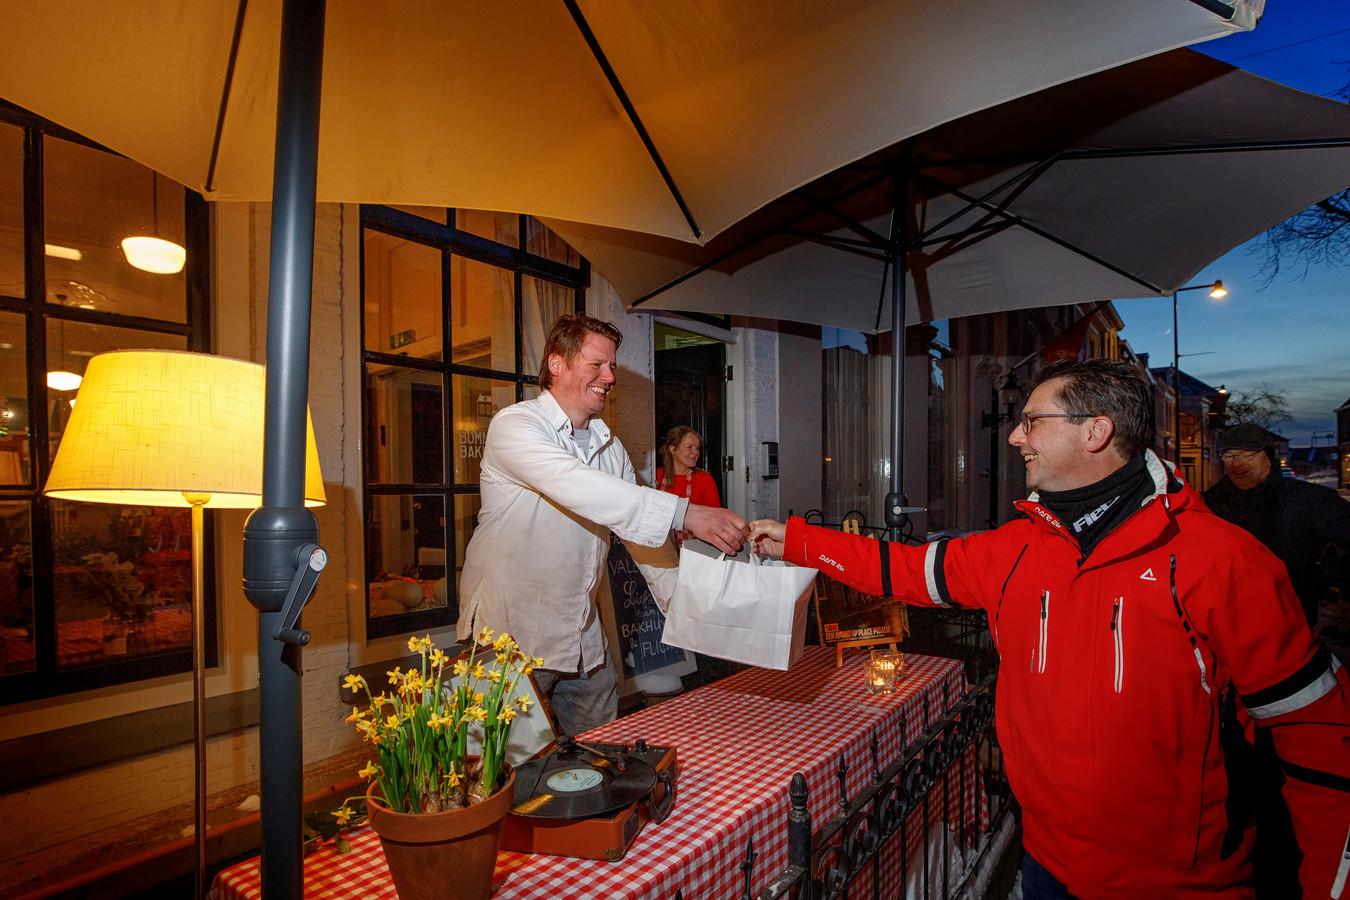 Tegen zonsondergang deelt chef Thomas van Santvoort voor de deur de thuismaaltijden uit aan de klanten die een diner hebben besteld.